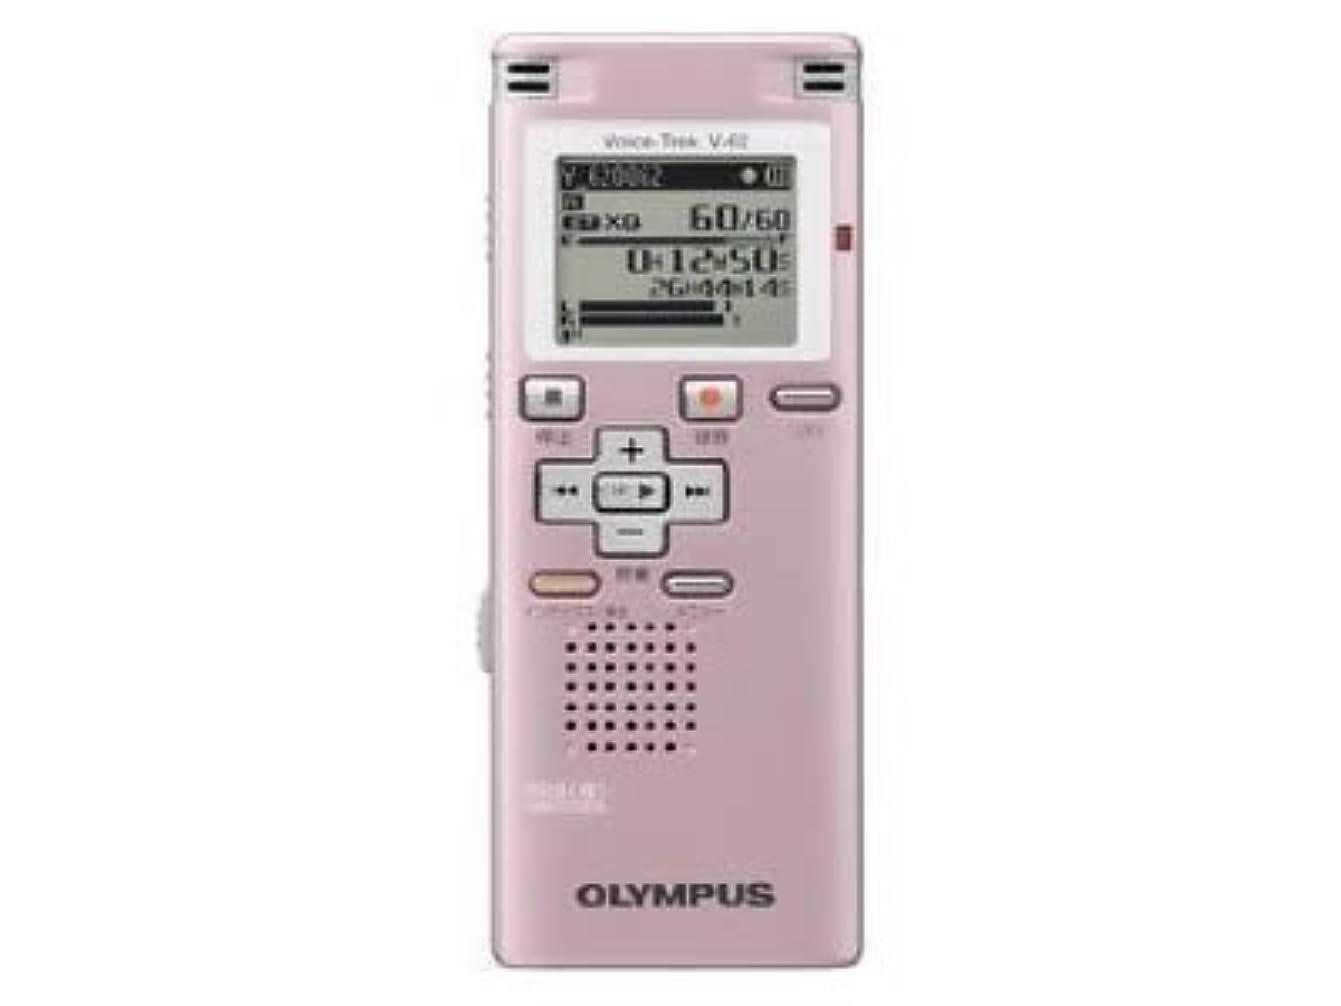 ブラインド混乱させる姪OLYMPUS ICレコーダー Voice-Trek PNK ピンク V-62